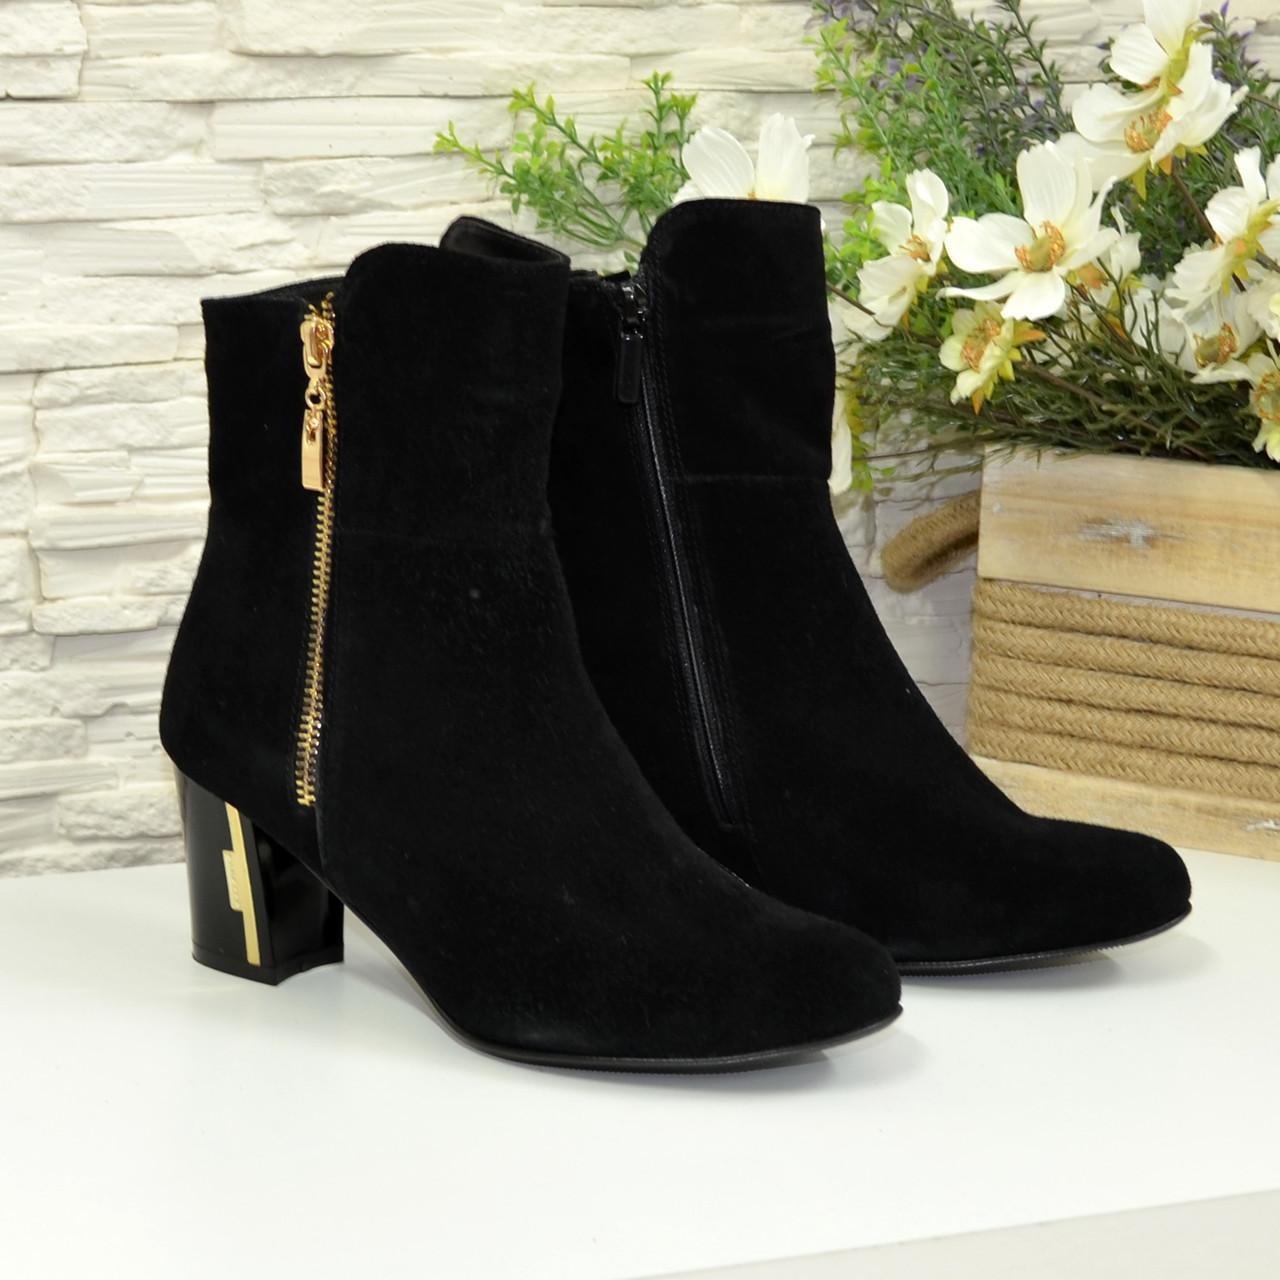 Женские замшевые черные демисезонные ботинки на невысоком каблуке. 36 размер